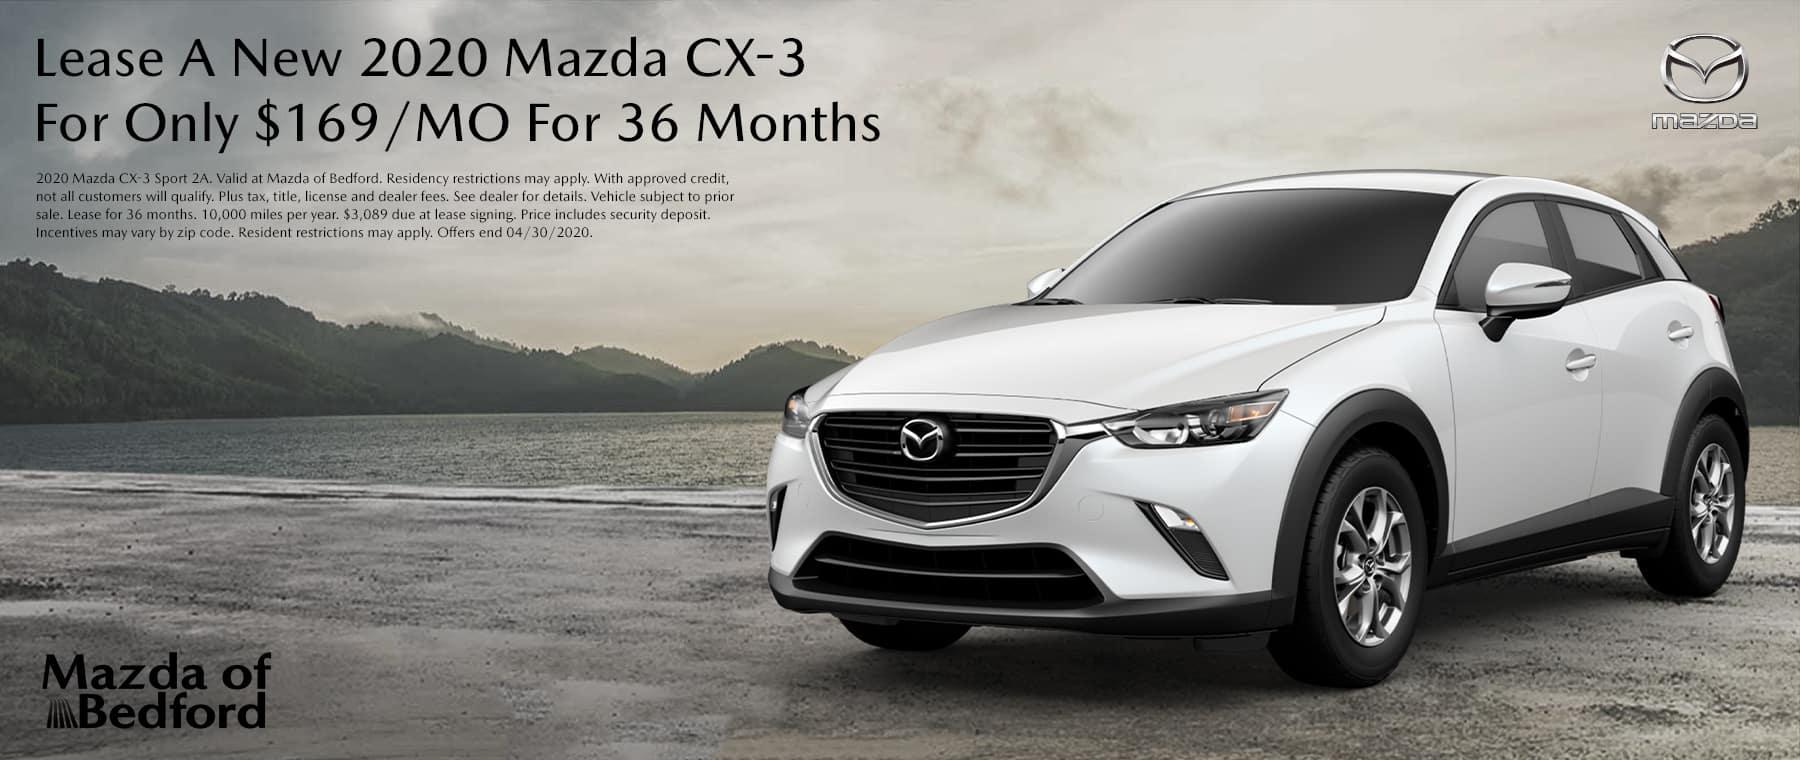 2020 Mazda CX-3 - Mazda of Bedford - Bedford, OH